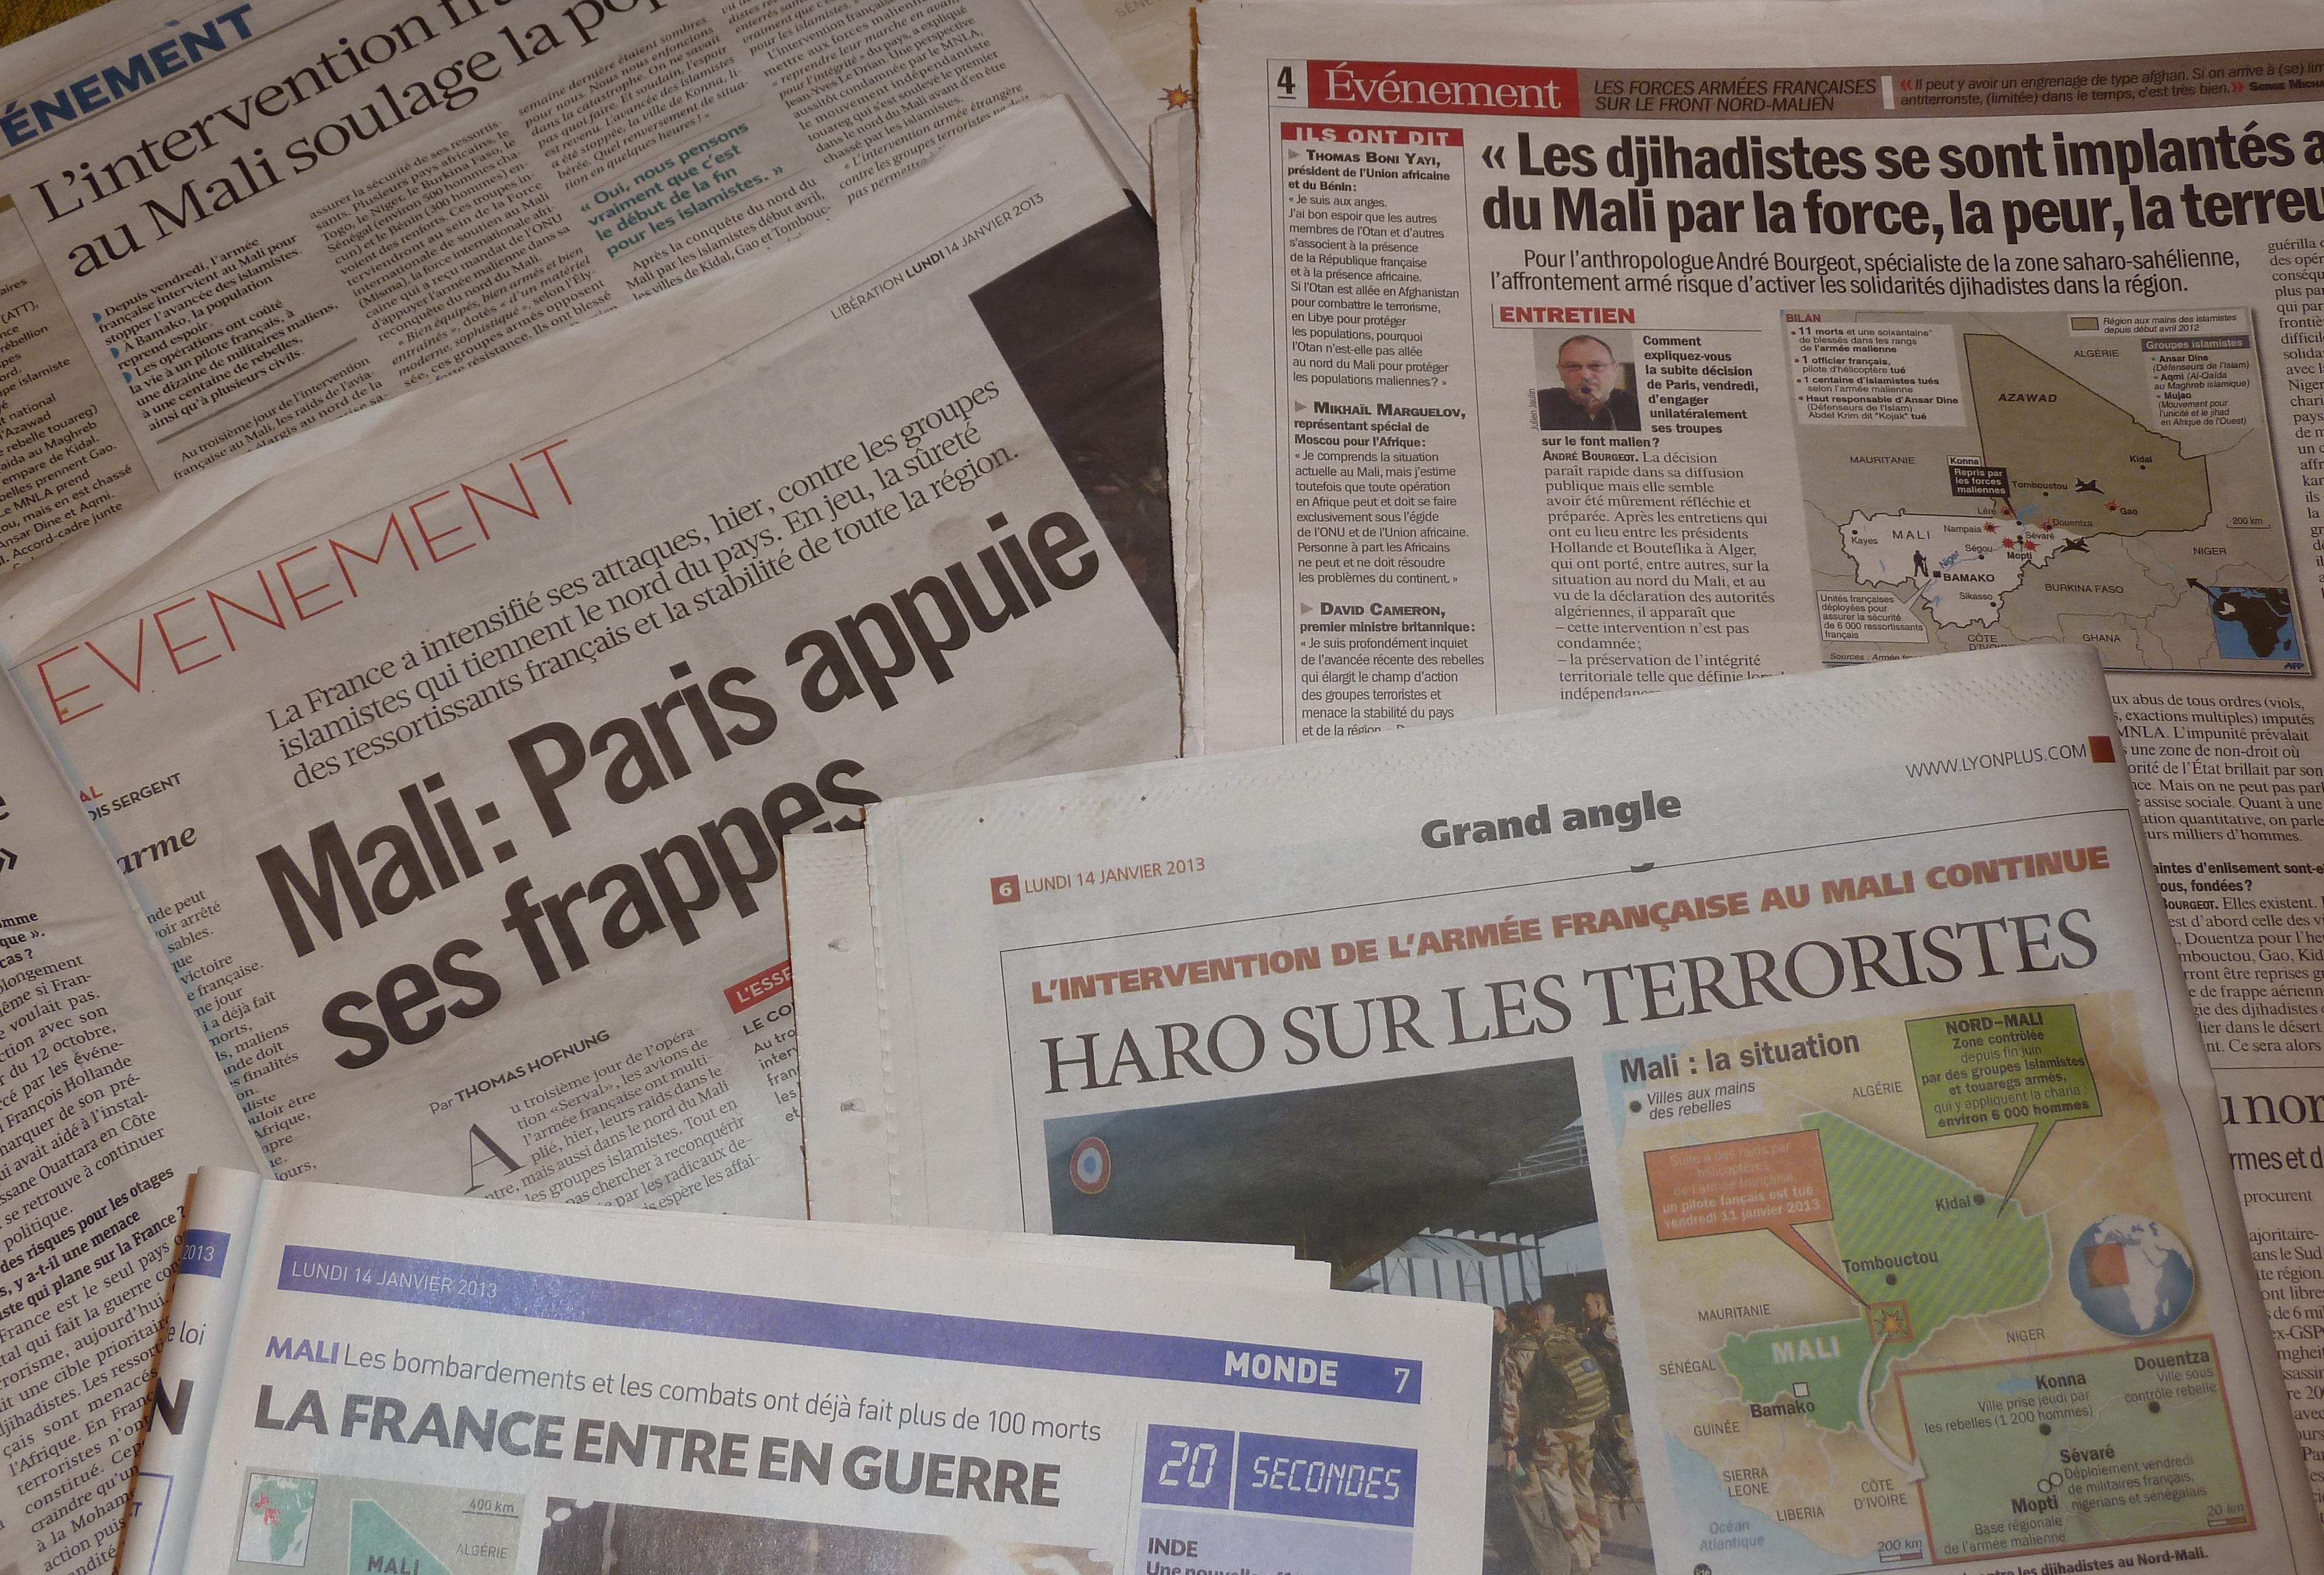 Intervention militaire française au Mali unes